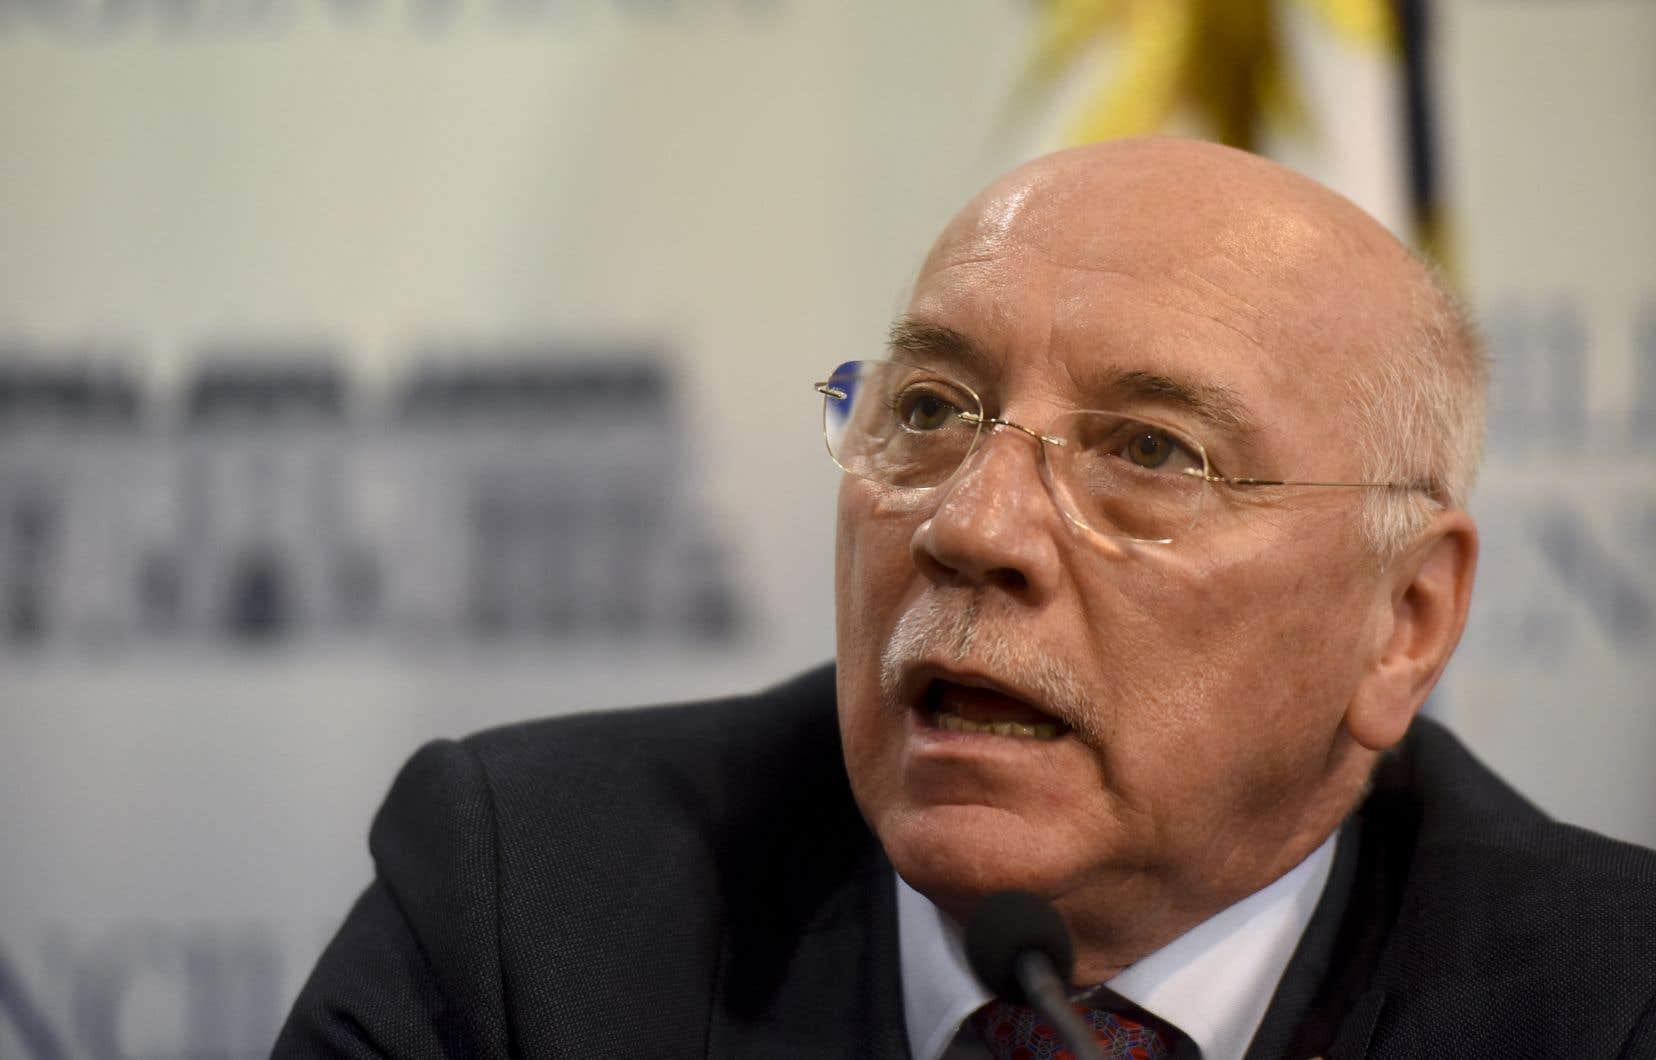 Le transfert de son ambassade de Tel-Aviv à Jérusalem n'empêche pas le Paraguay d'entretenir une relation «intense et très étroite» avec la Palestine, a assuréle chef de la diplomatie du Paraguay, Eladio Loizaga.